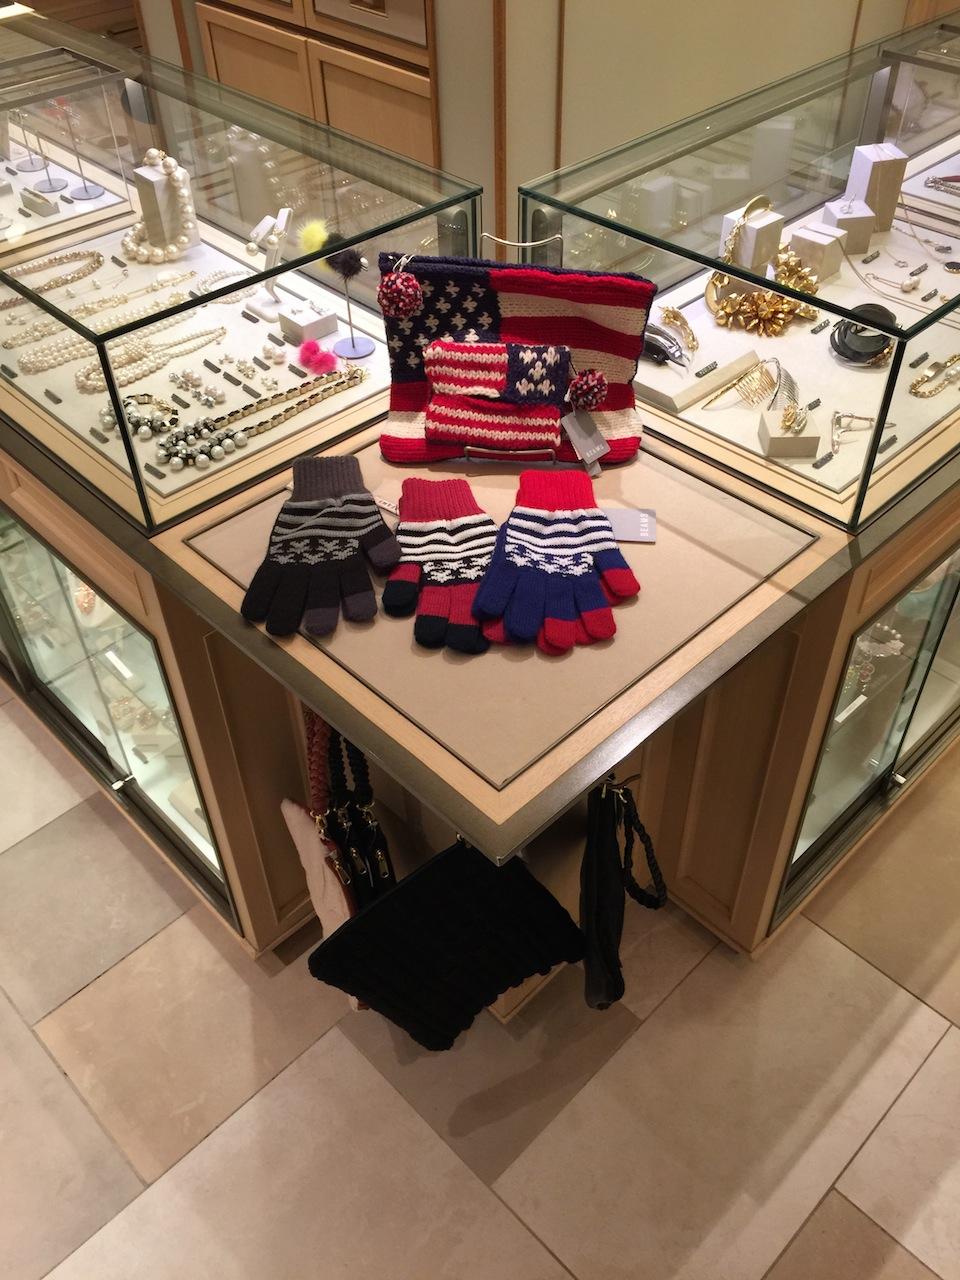 アクセサリーのケースの脇に、毛糸で編んだ手袋とポーチ